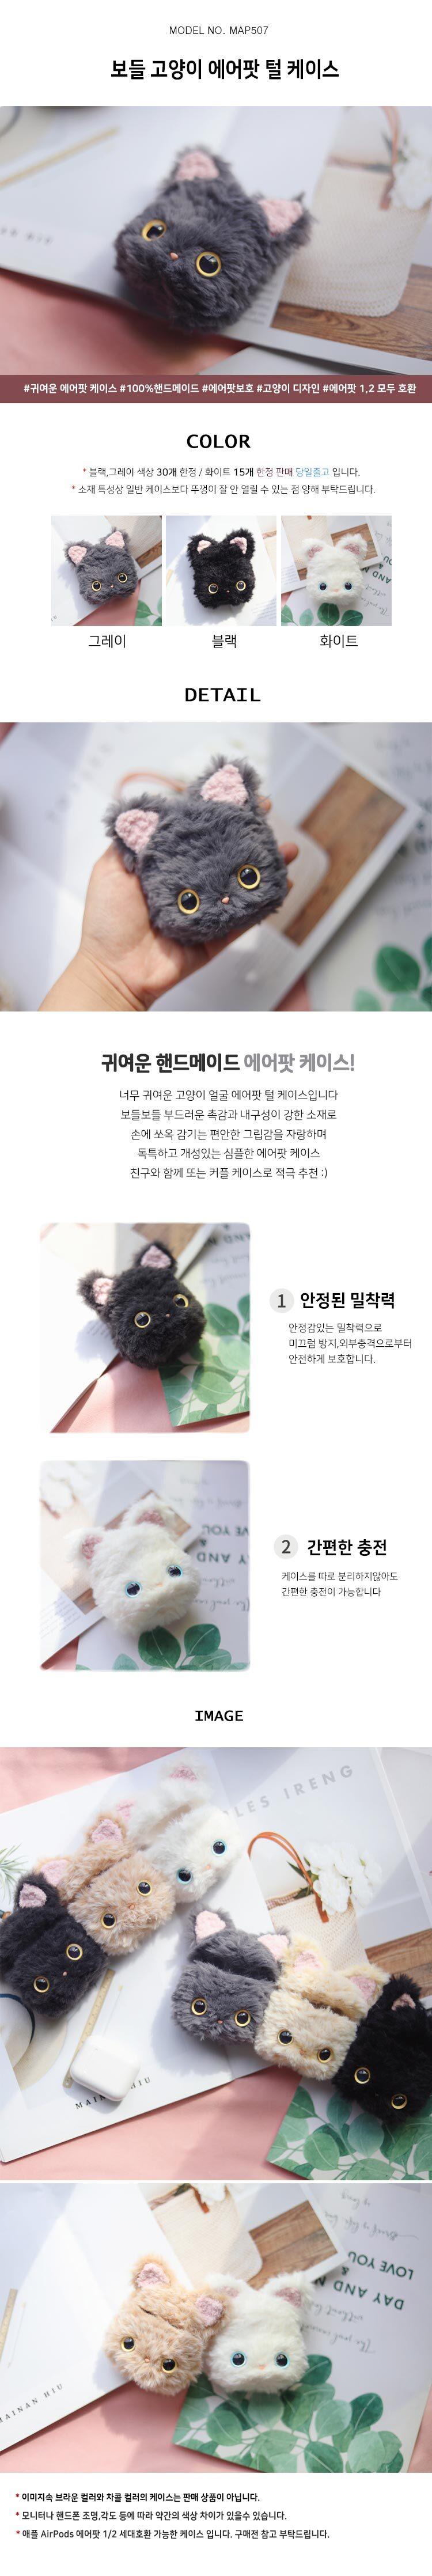 에어팟케이스/1/2세대 나만의 고양이 반려동물 캐릭터 핸드메이드 털케이스 한정판매 - 뮤고스, 30,800원, 이어폰, 블루투스 이어폰